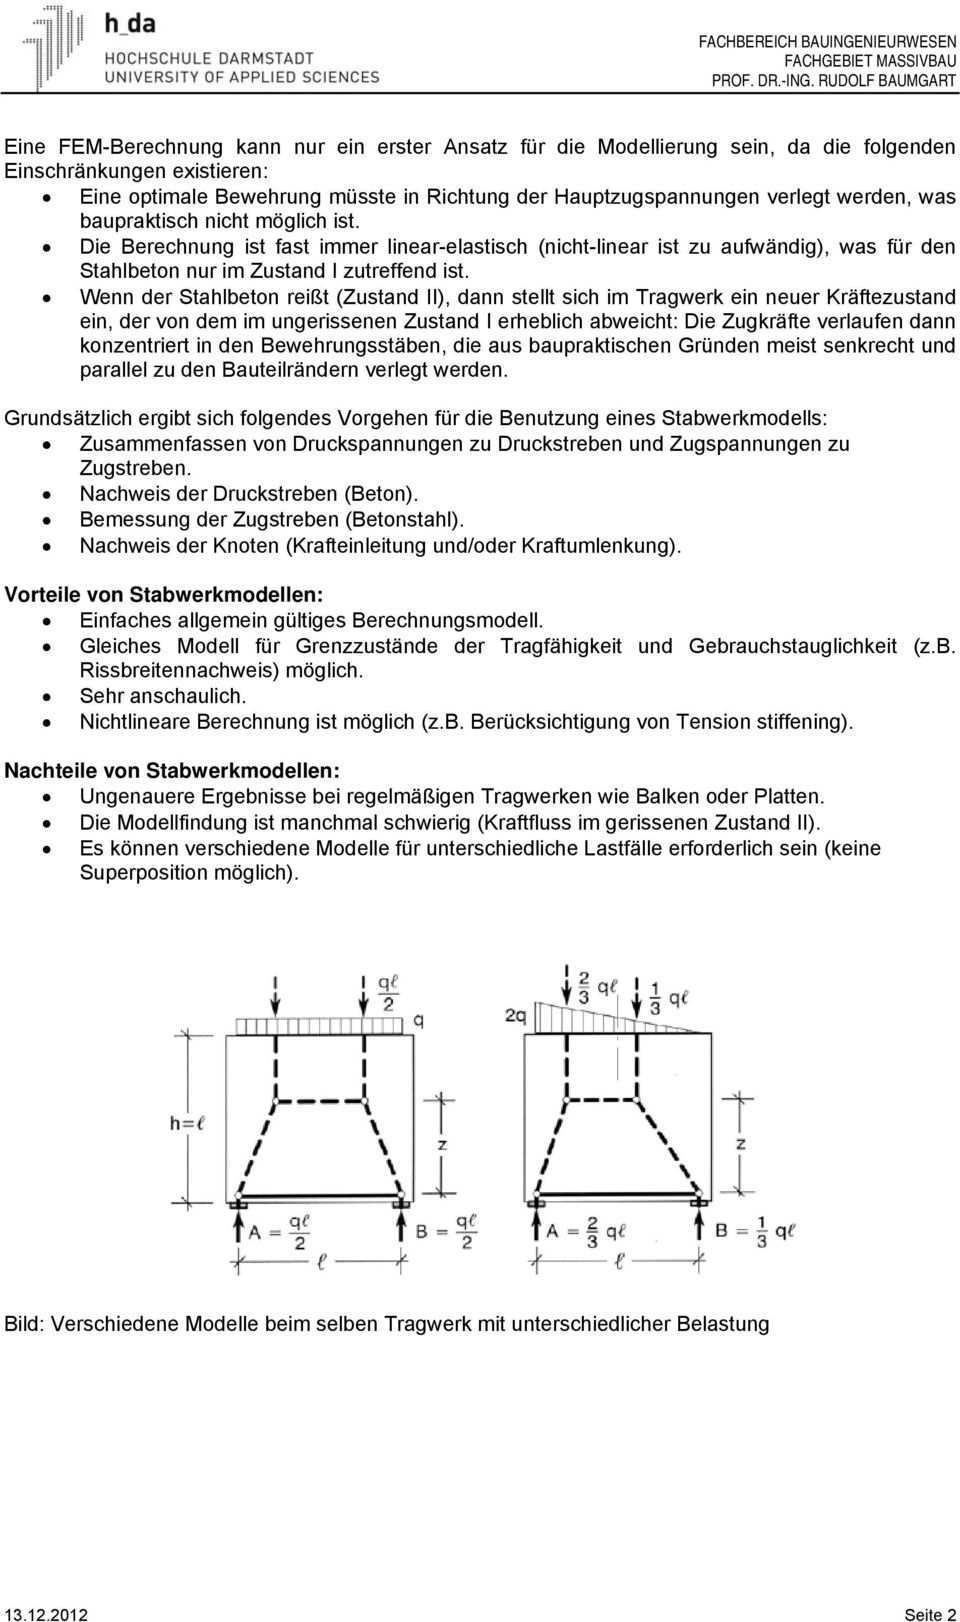 Stabwerkmodelle Im Stahlbetonbau Pdf Kostenfreier Download